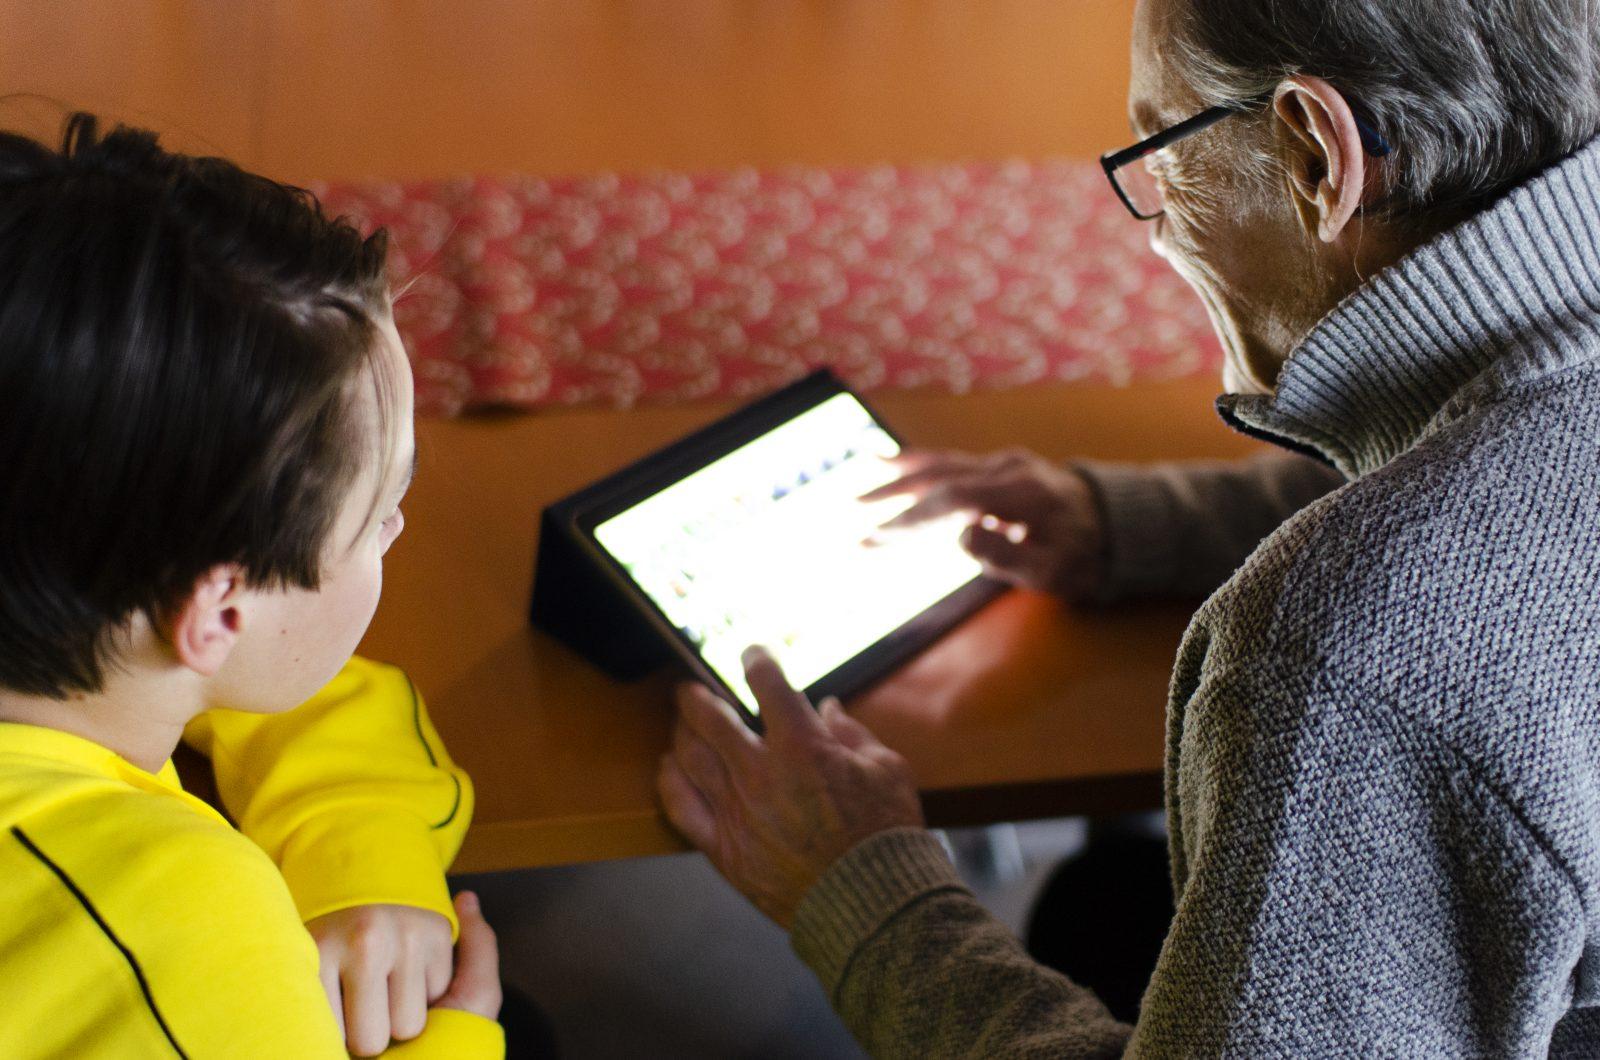 Poika ja isoisä käyttävät tablettia. Tabletti valaisee heidät.